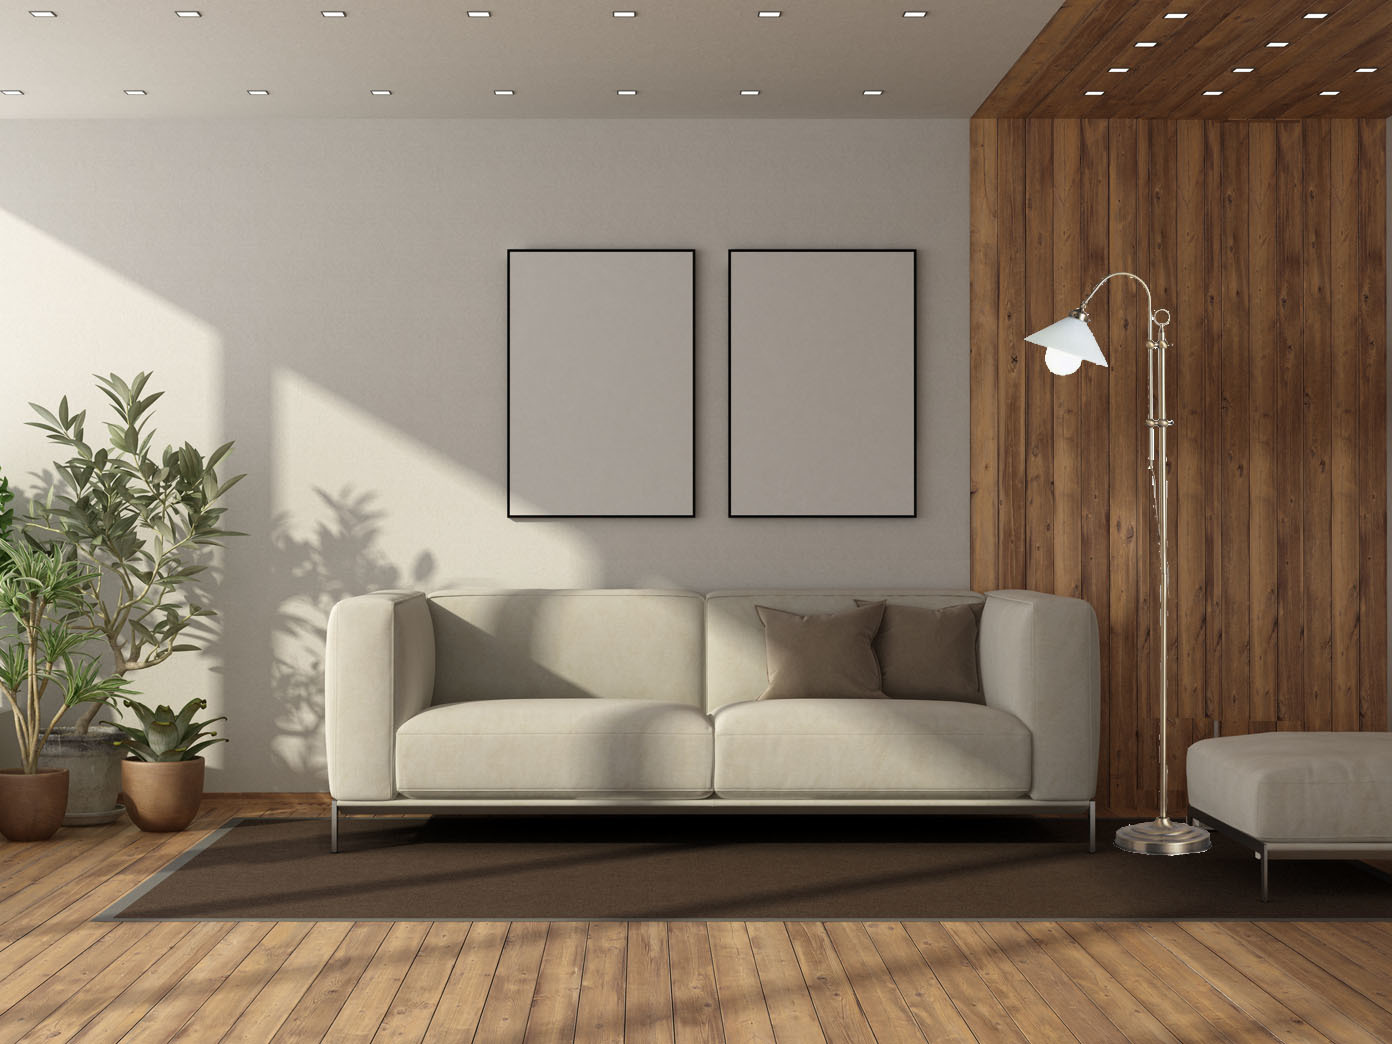 Das Bild Wird Geladen Hoehenverstellbare Design LED Stehlampe Messing  Glasschirm Stehleuchte Antik